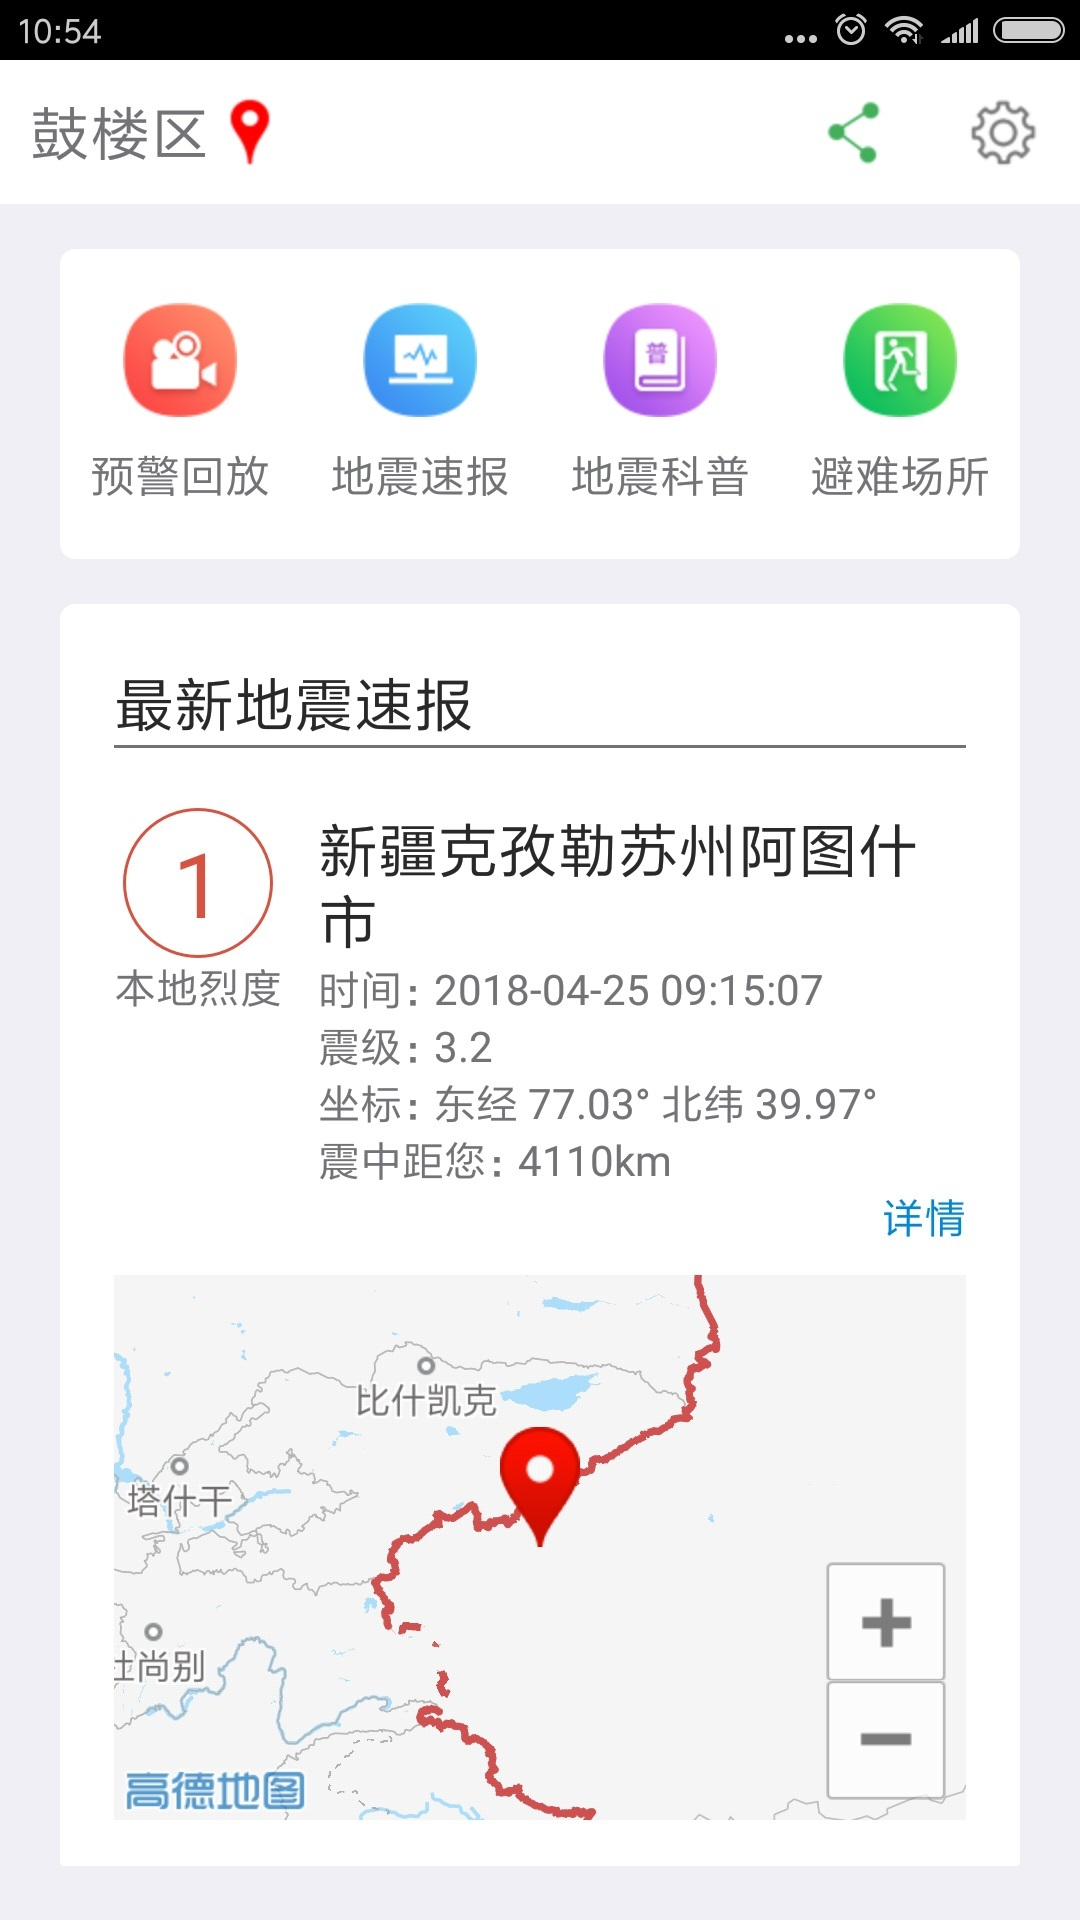 福建地震预警截图1